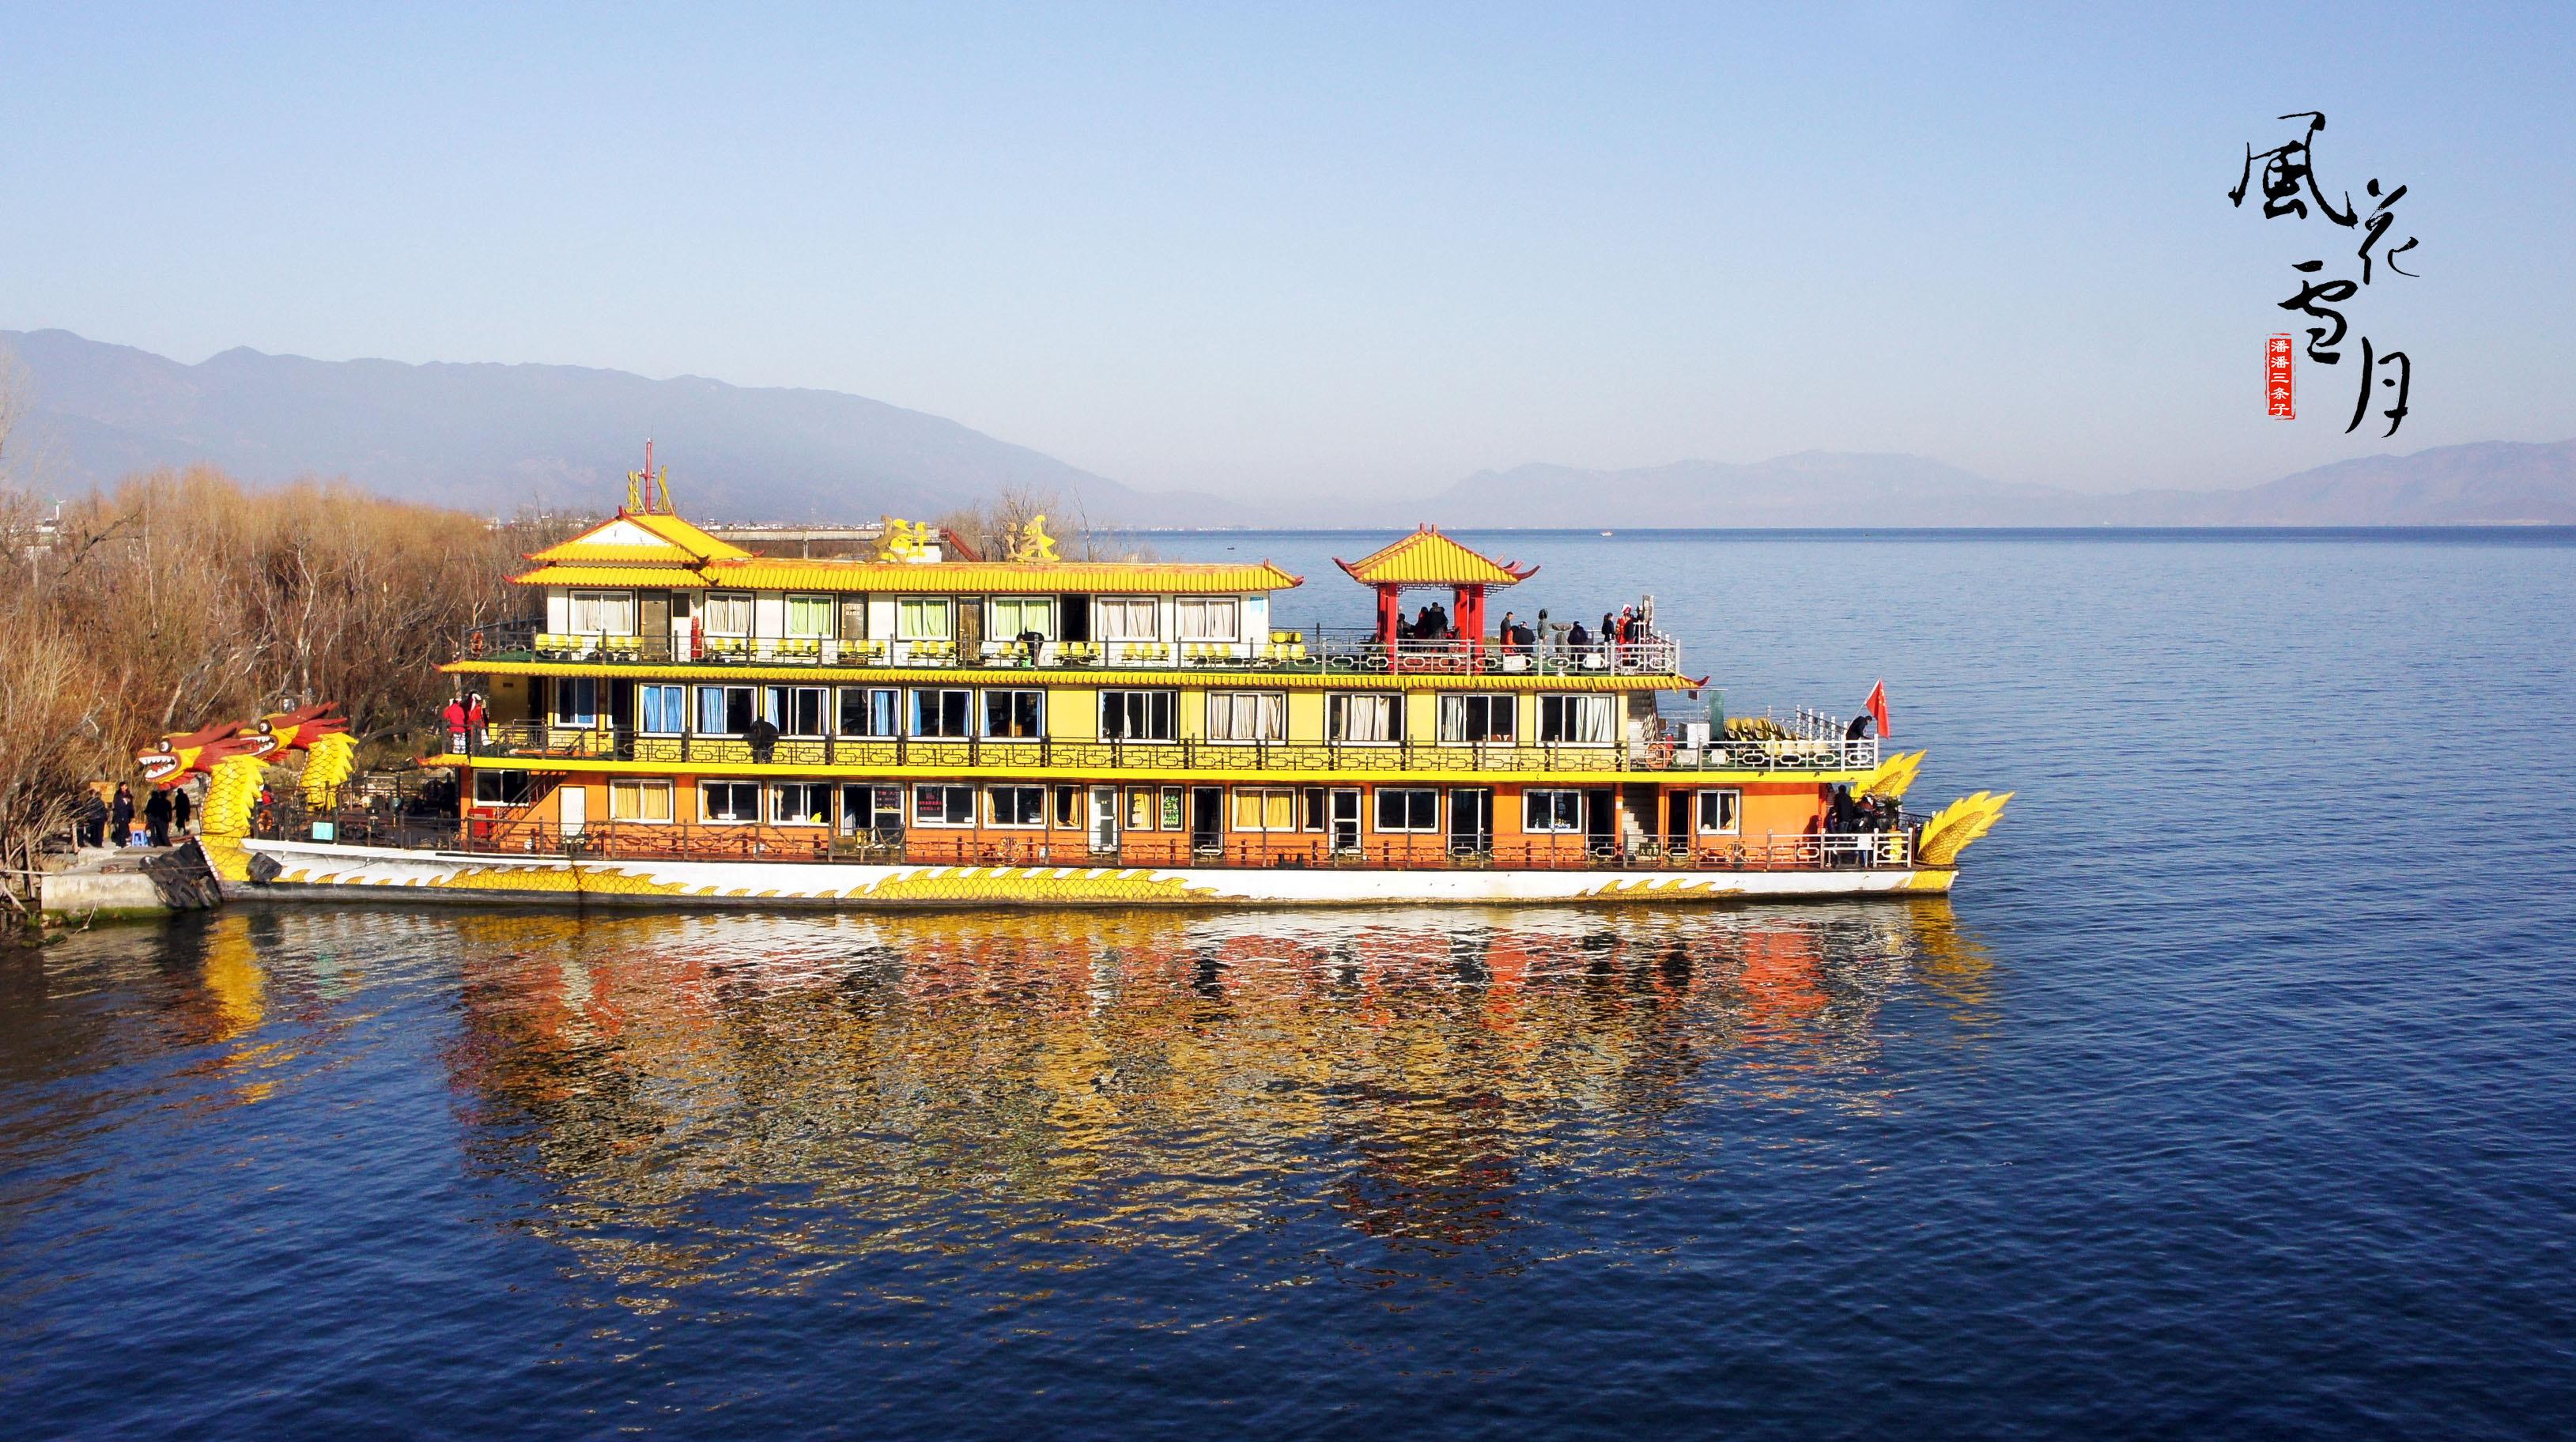 洱海游船是游大理比较轻松的一条路线